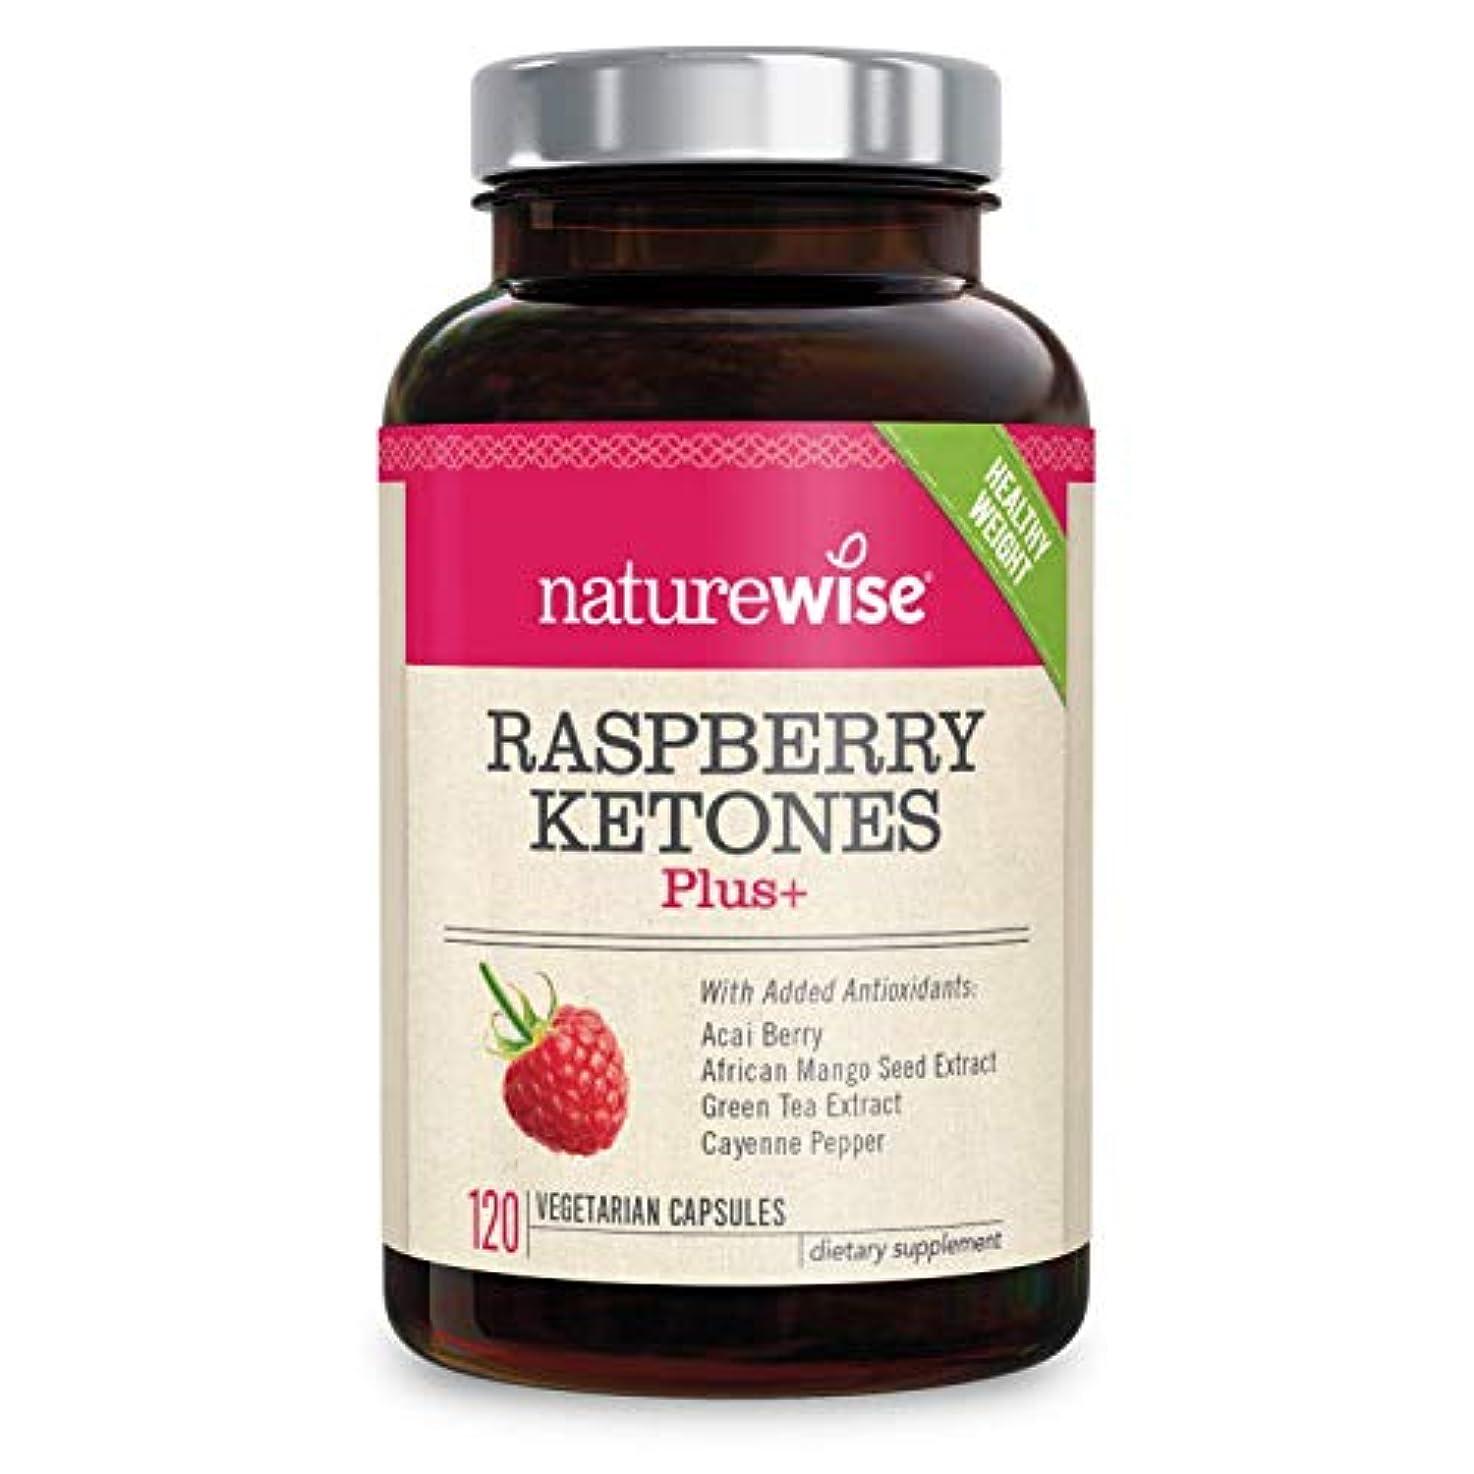 人間呼びかける効率的にNatureWise Raspberry Ketones Plus ラズベリー ケトン プラス ケトジェニック ダイエット サプリ 120粒/60日分 [海外直送品]